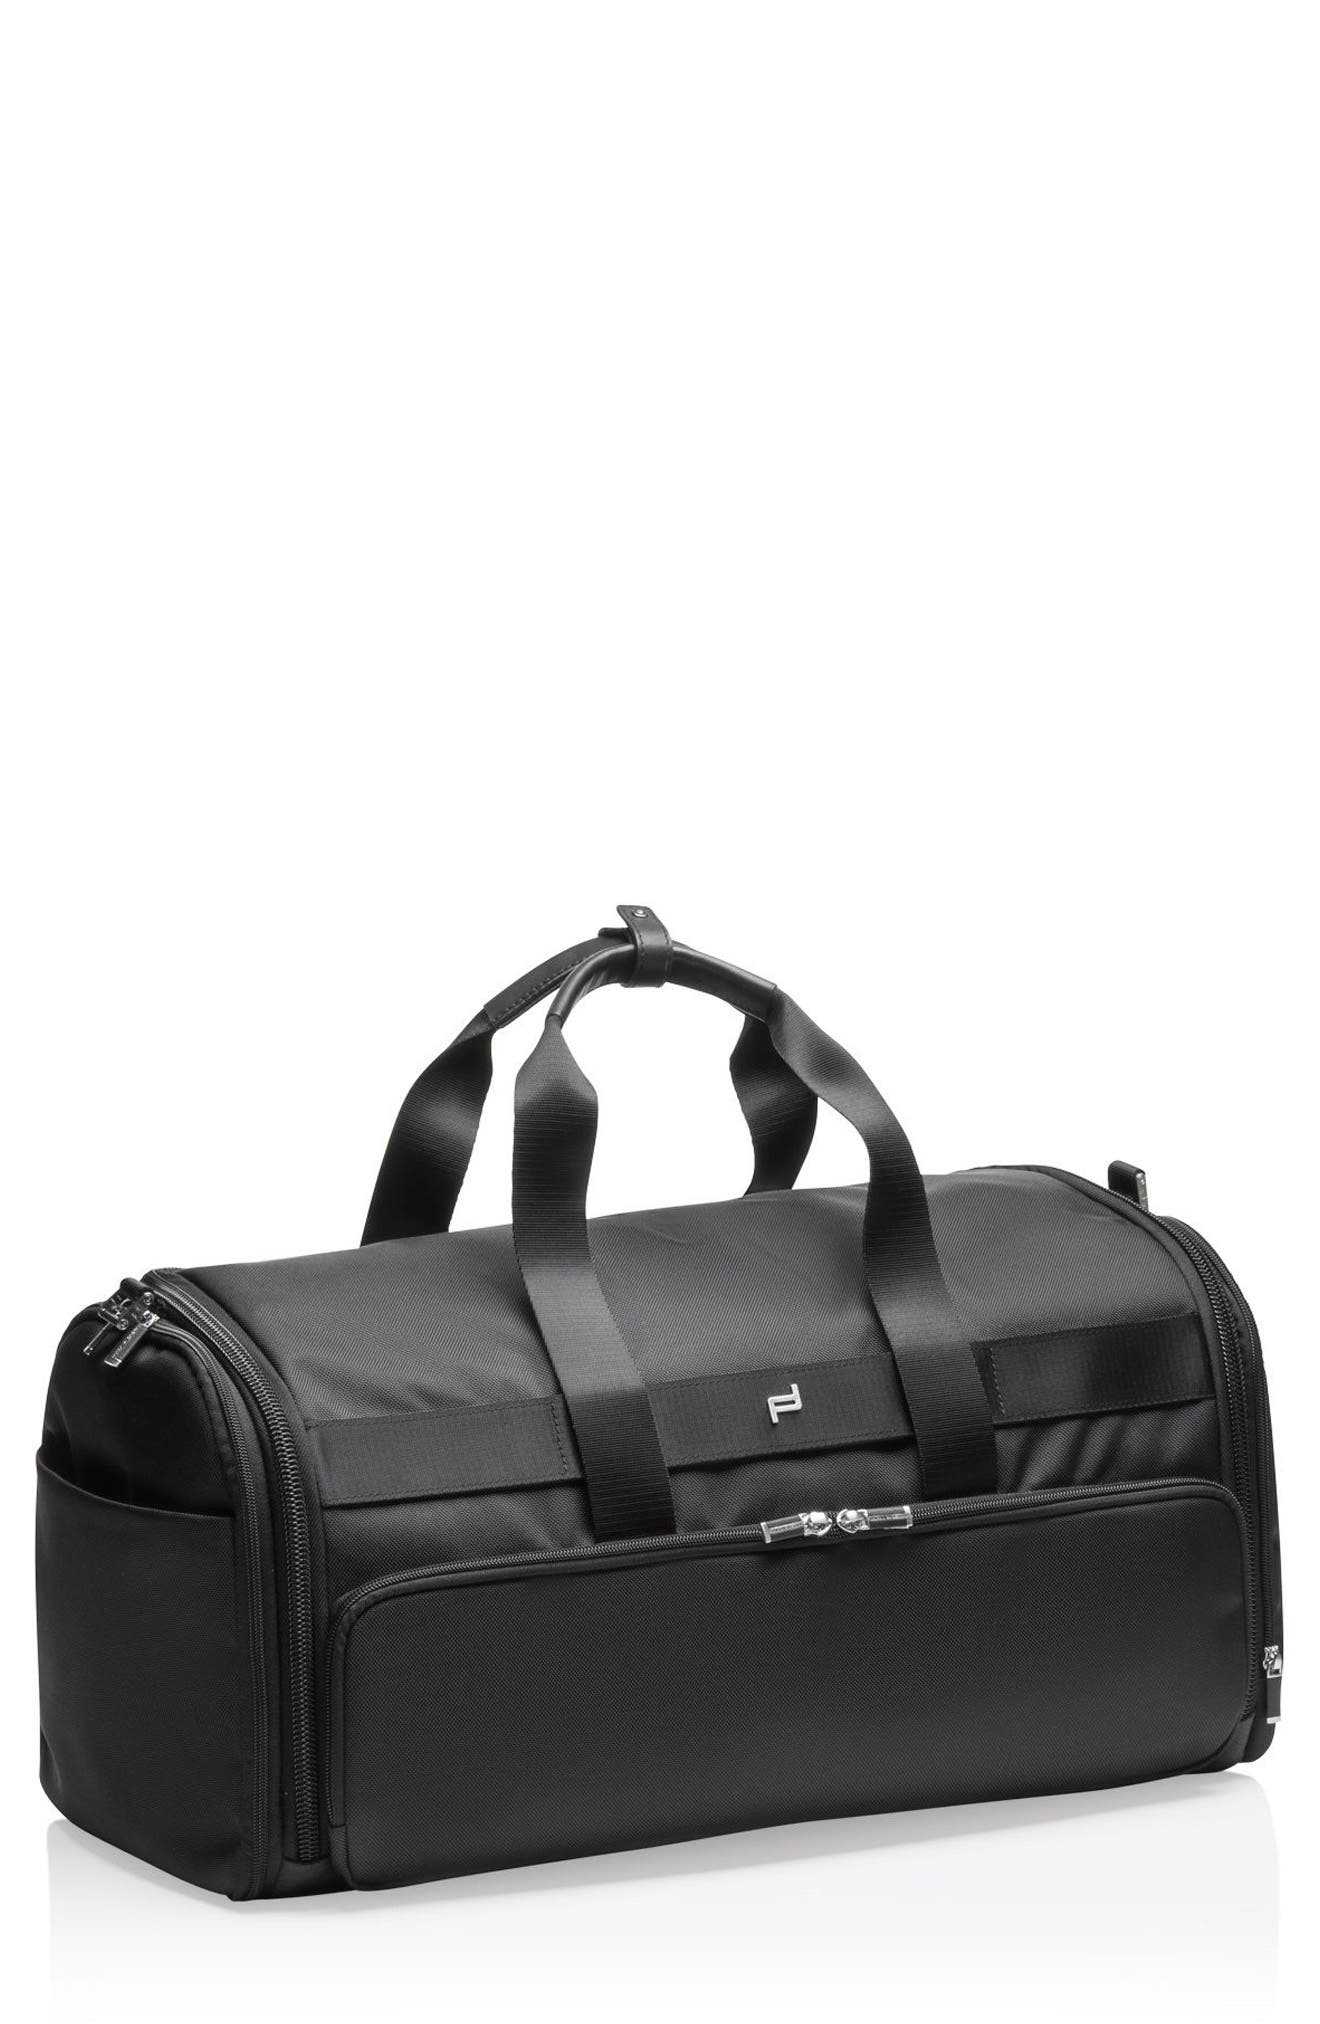 Roadster 3.0 Duffel Bag,                         Main,                         color, 001